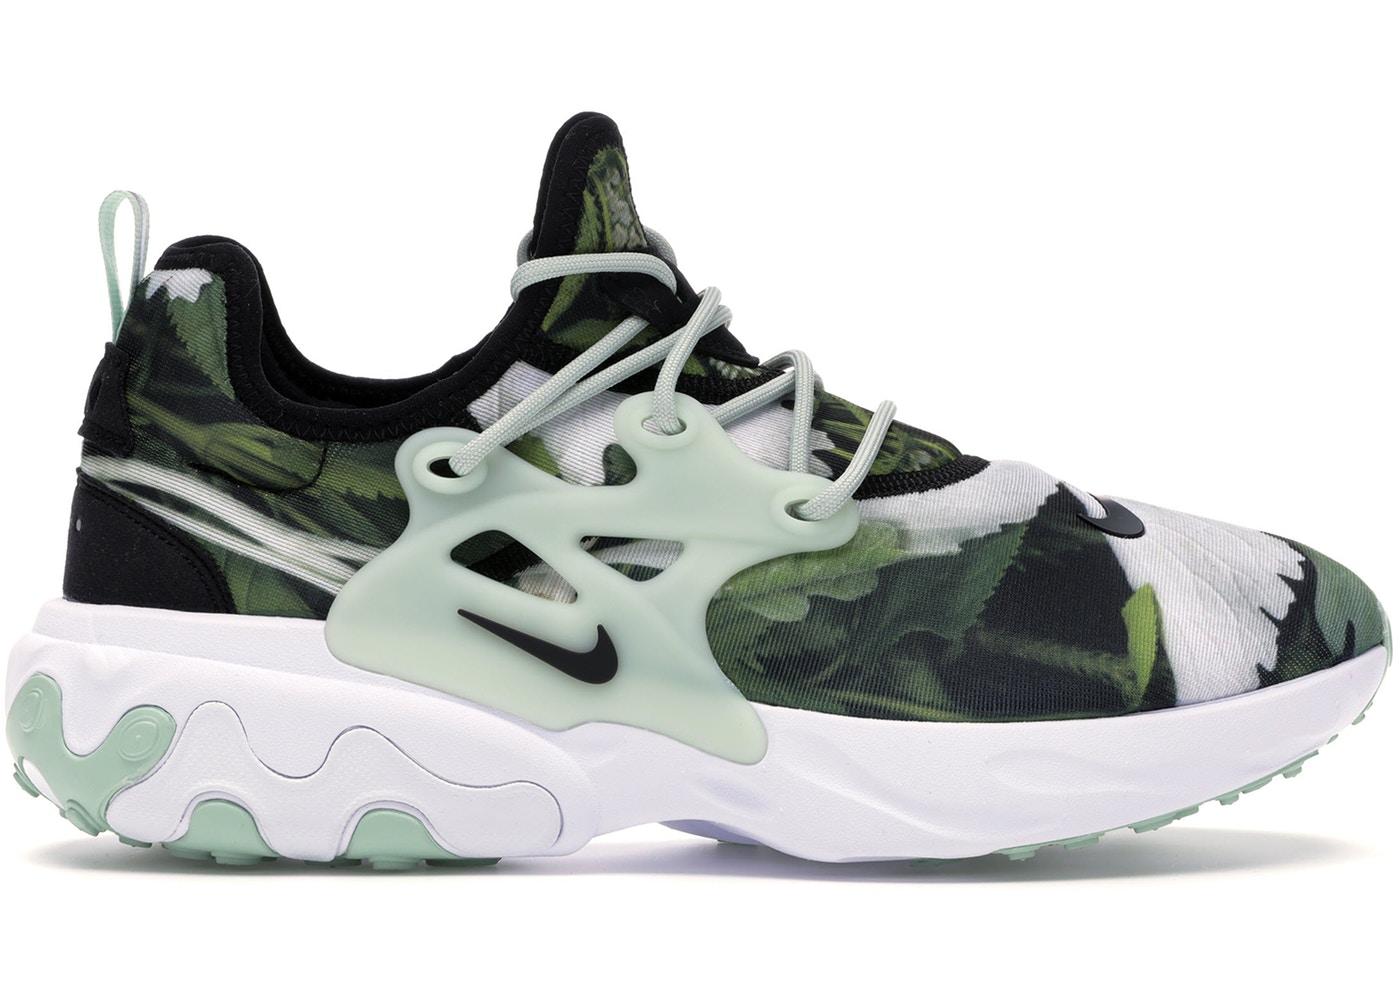 ナイキ メンズ エアハラチ Nike React Presto Premium Running shoes ランニングシューズ Pistachio Frost/Black/White スニーカー